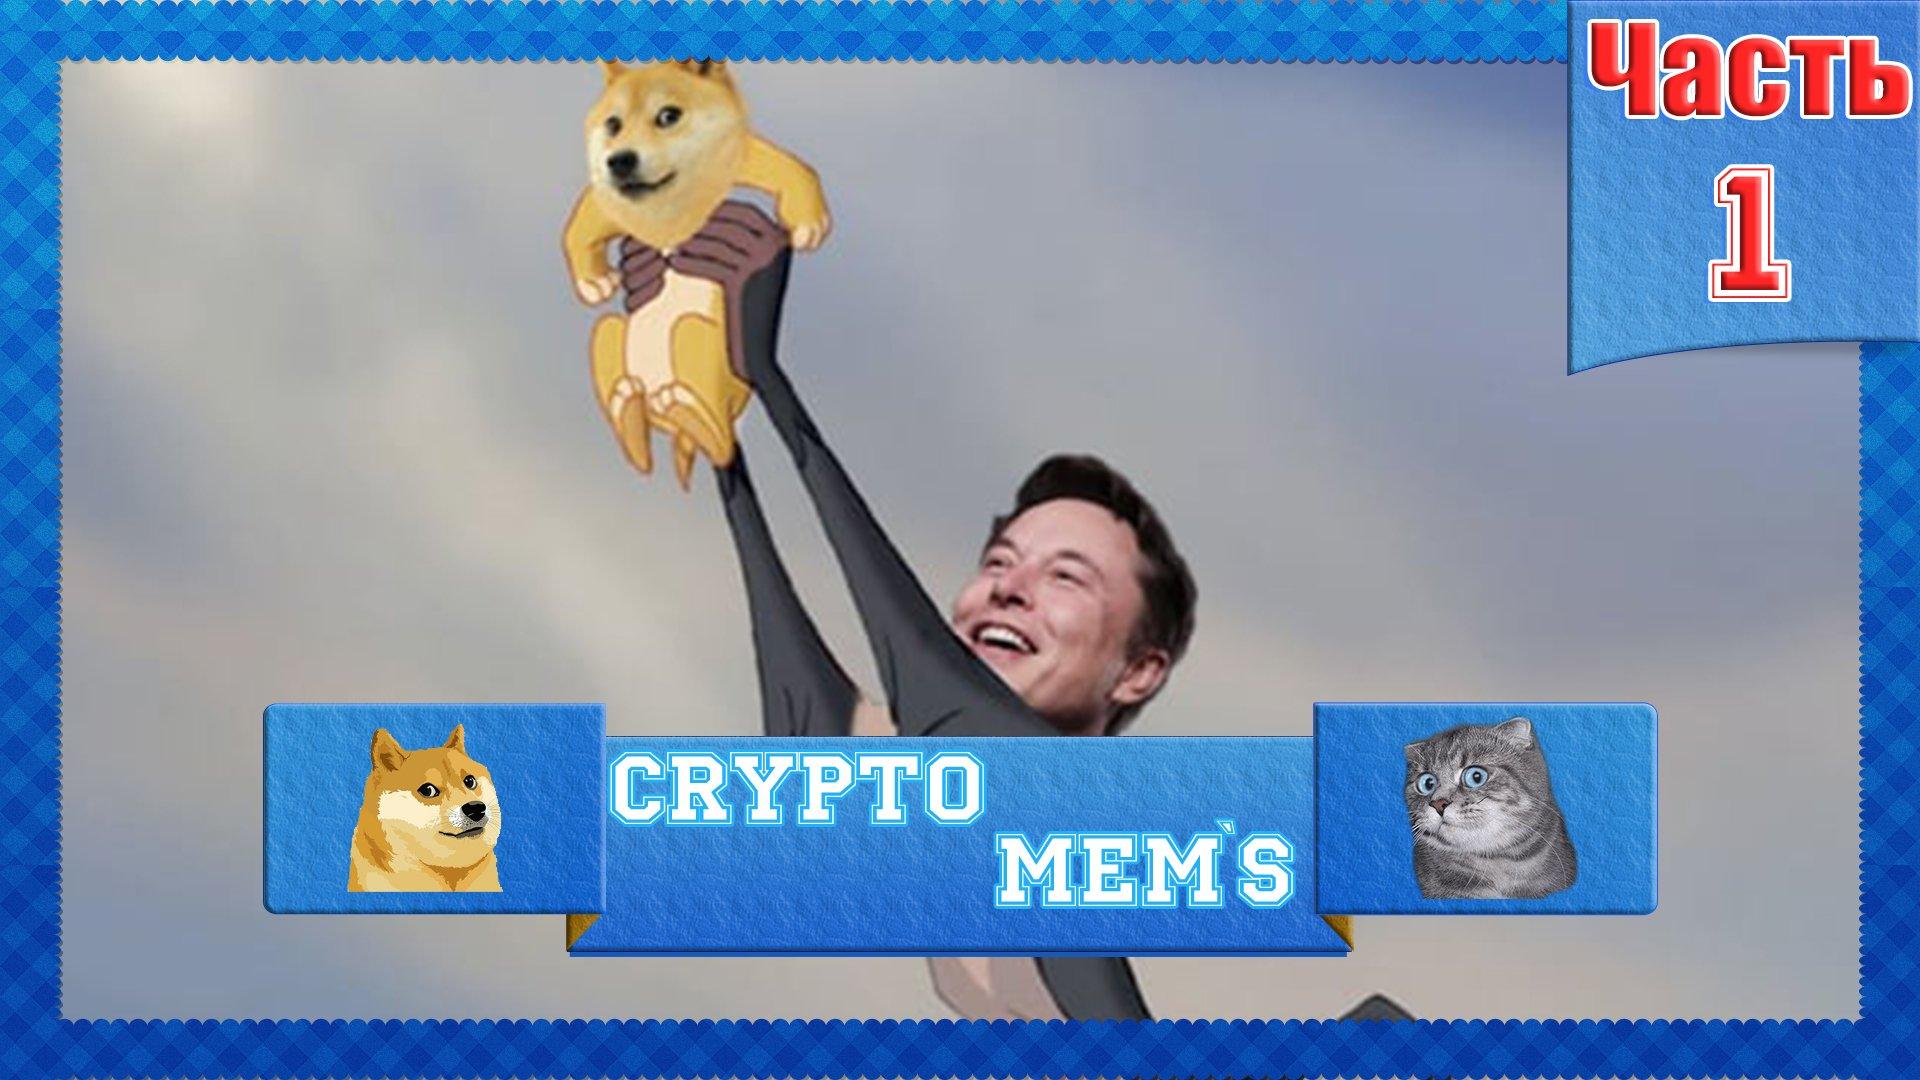 Самые смешные мемы про криптовалюту Часть 1, (Биткойн Эфир Дог) Funny memes about cryptocurrency.